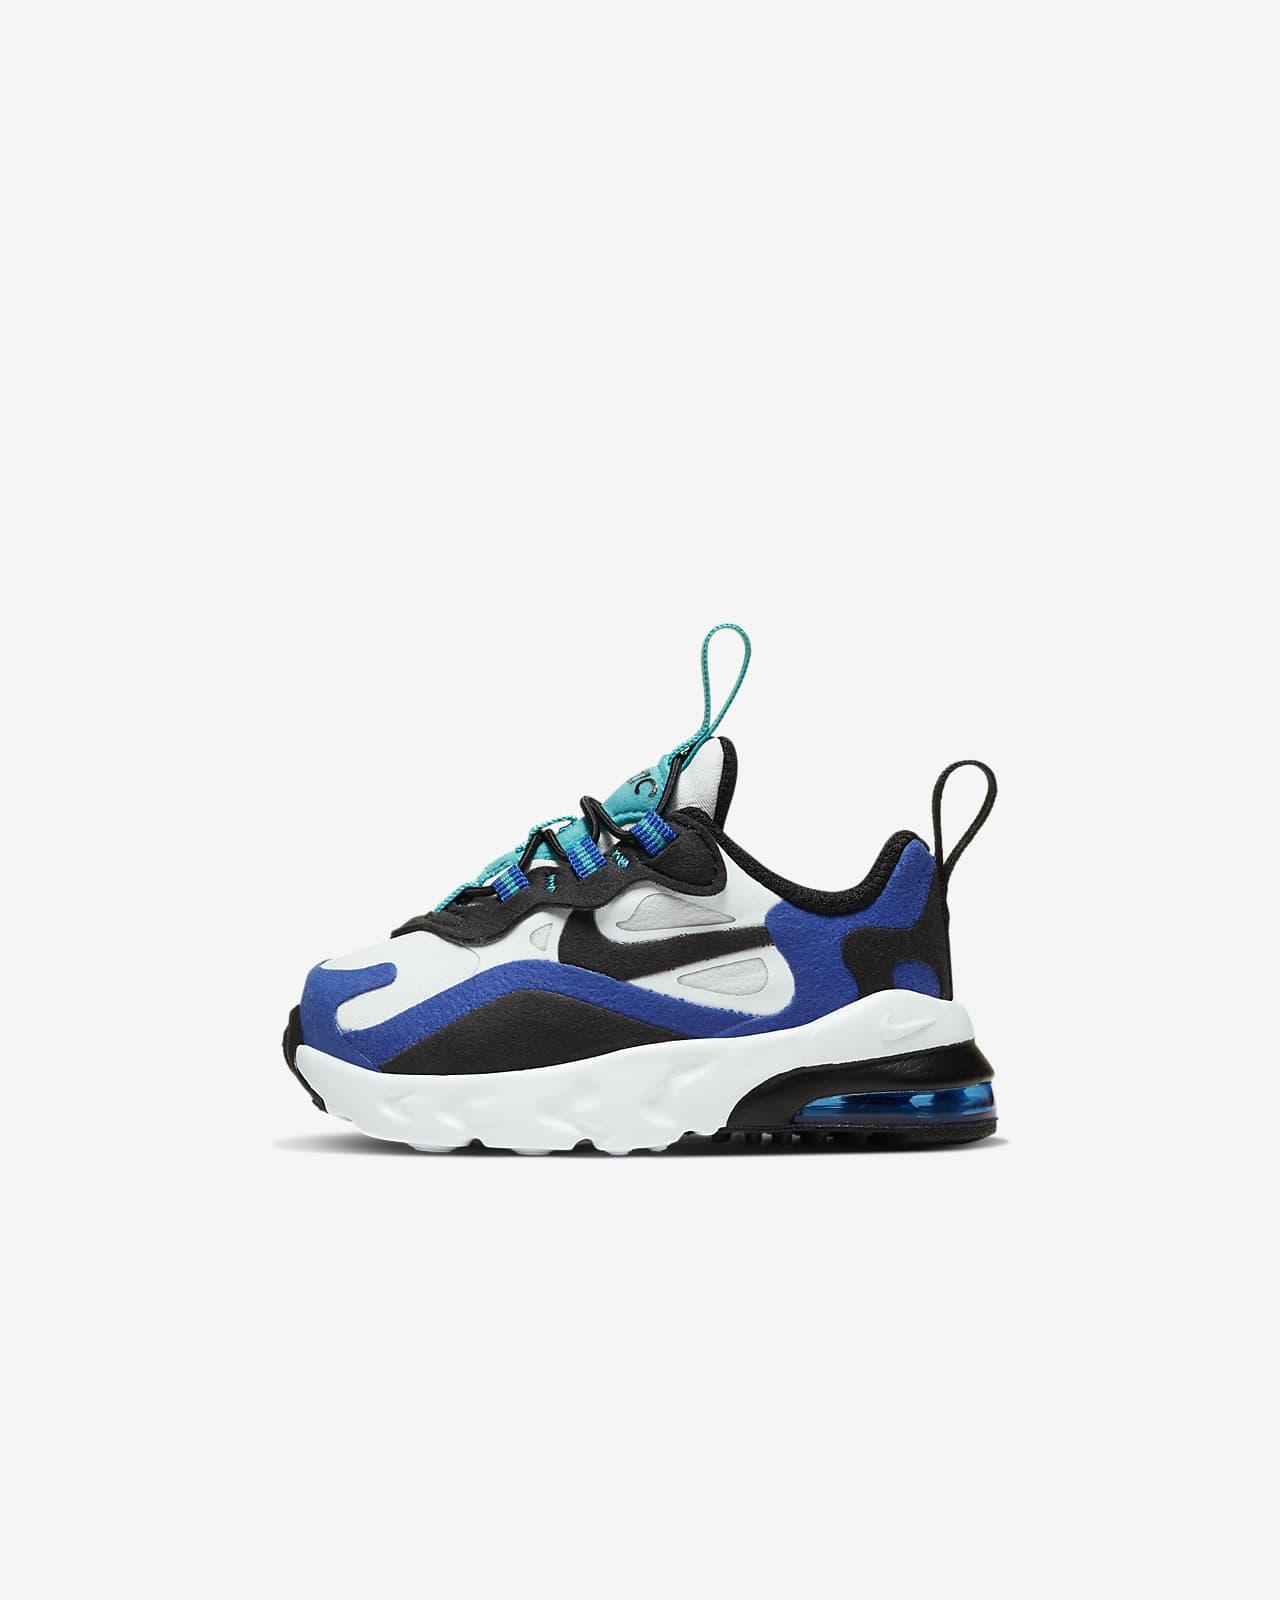 air max 270 baby blue